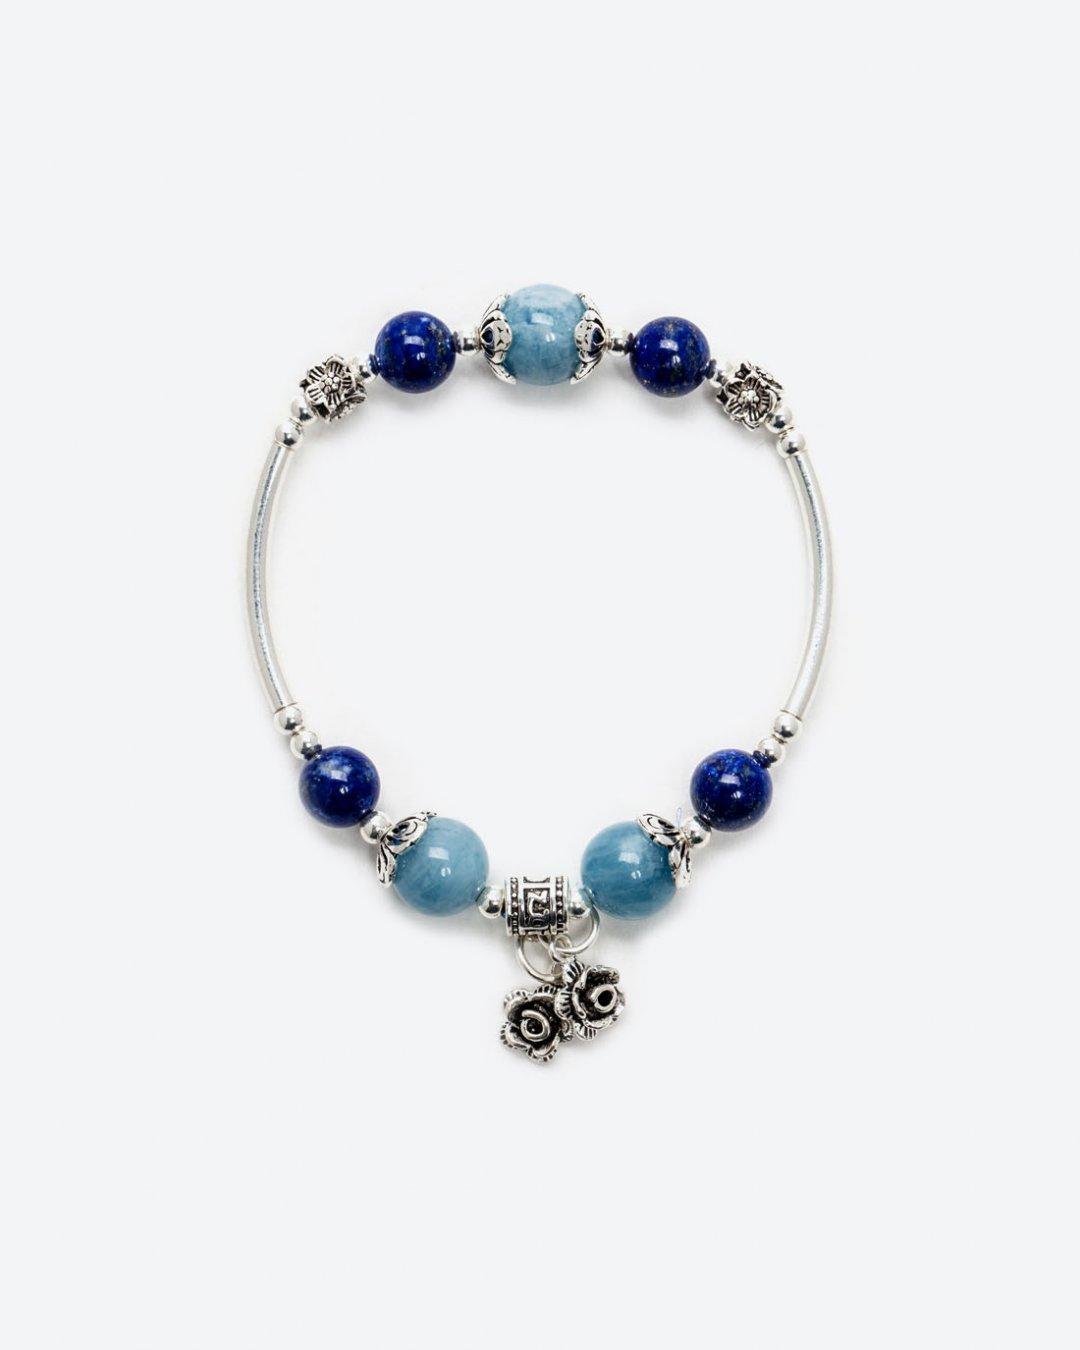 Vòng Tay Đá Aquamarine Mix Đá Lapis Charm Hoa Bạc Mệnh Thuỷ Mộc 10mm (màu xanh biển) - Ngọc Quý Gemstones